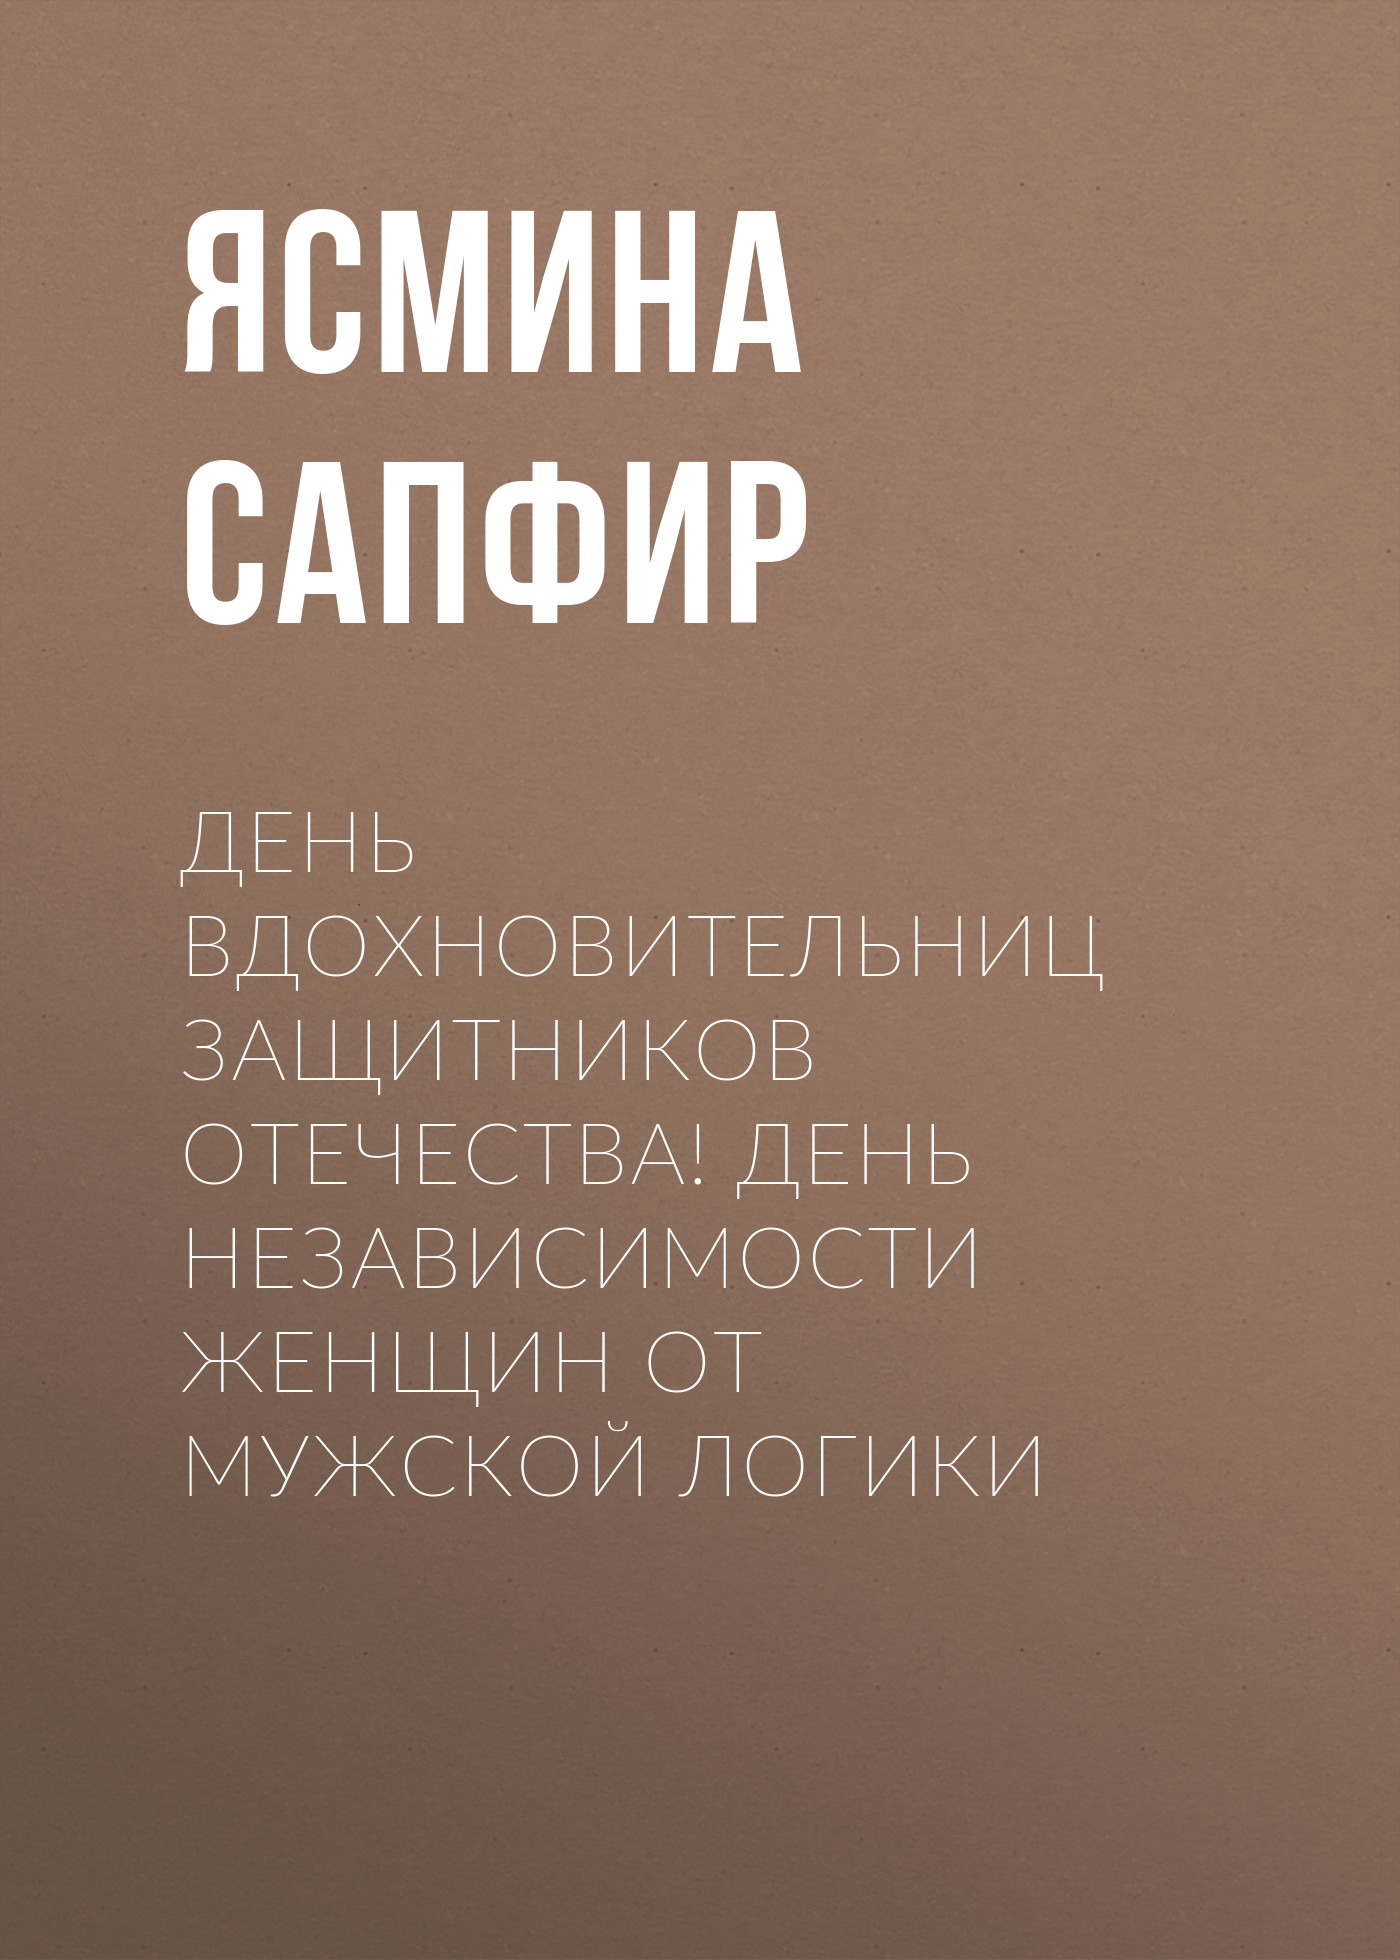 Ясмина Сапфир День вдохновительниц защитников отечества! День независимости женщин от мужской логики